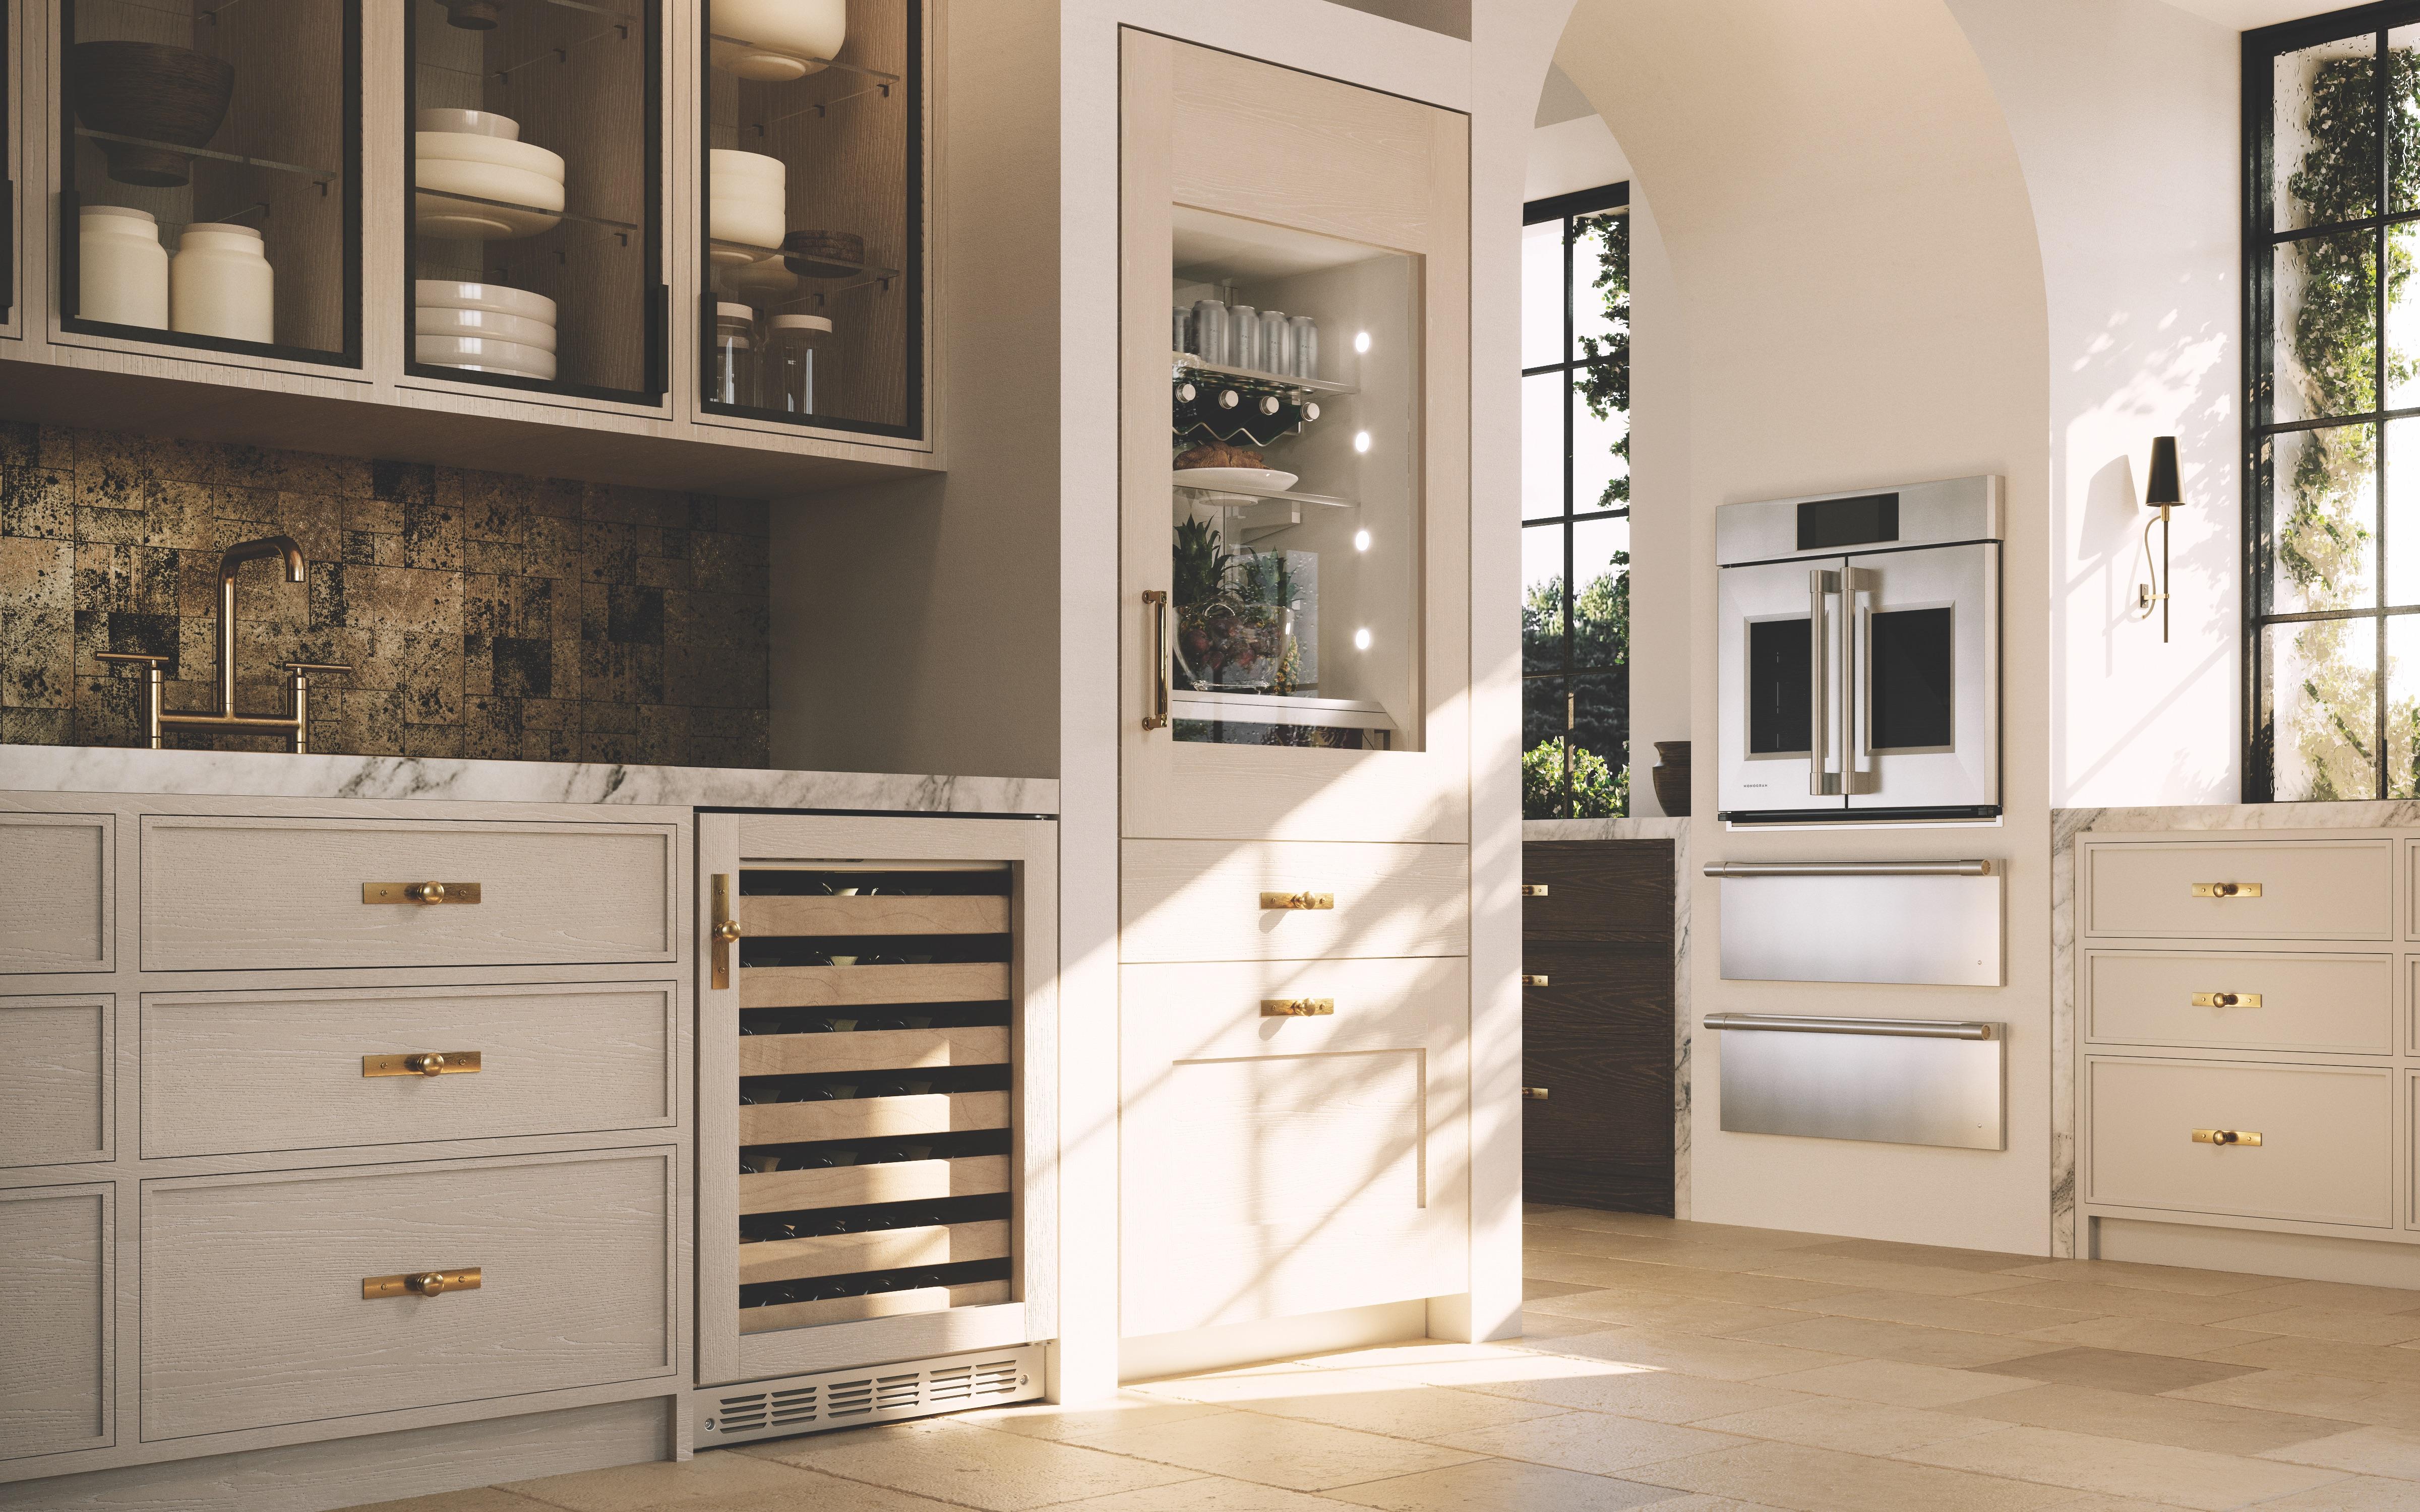 Monogram French Door Wall Oven